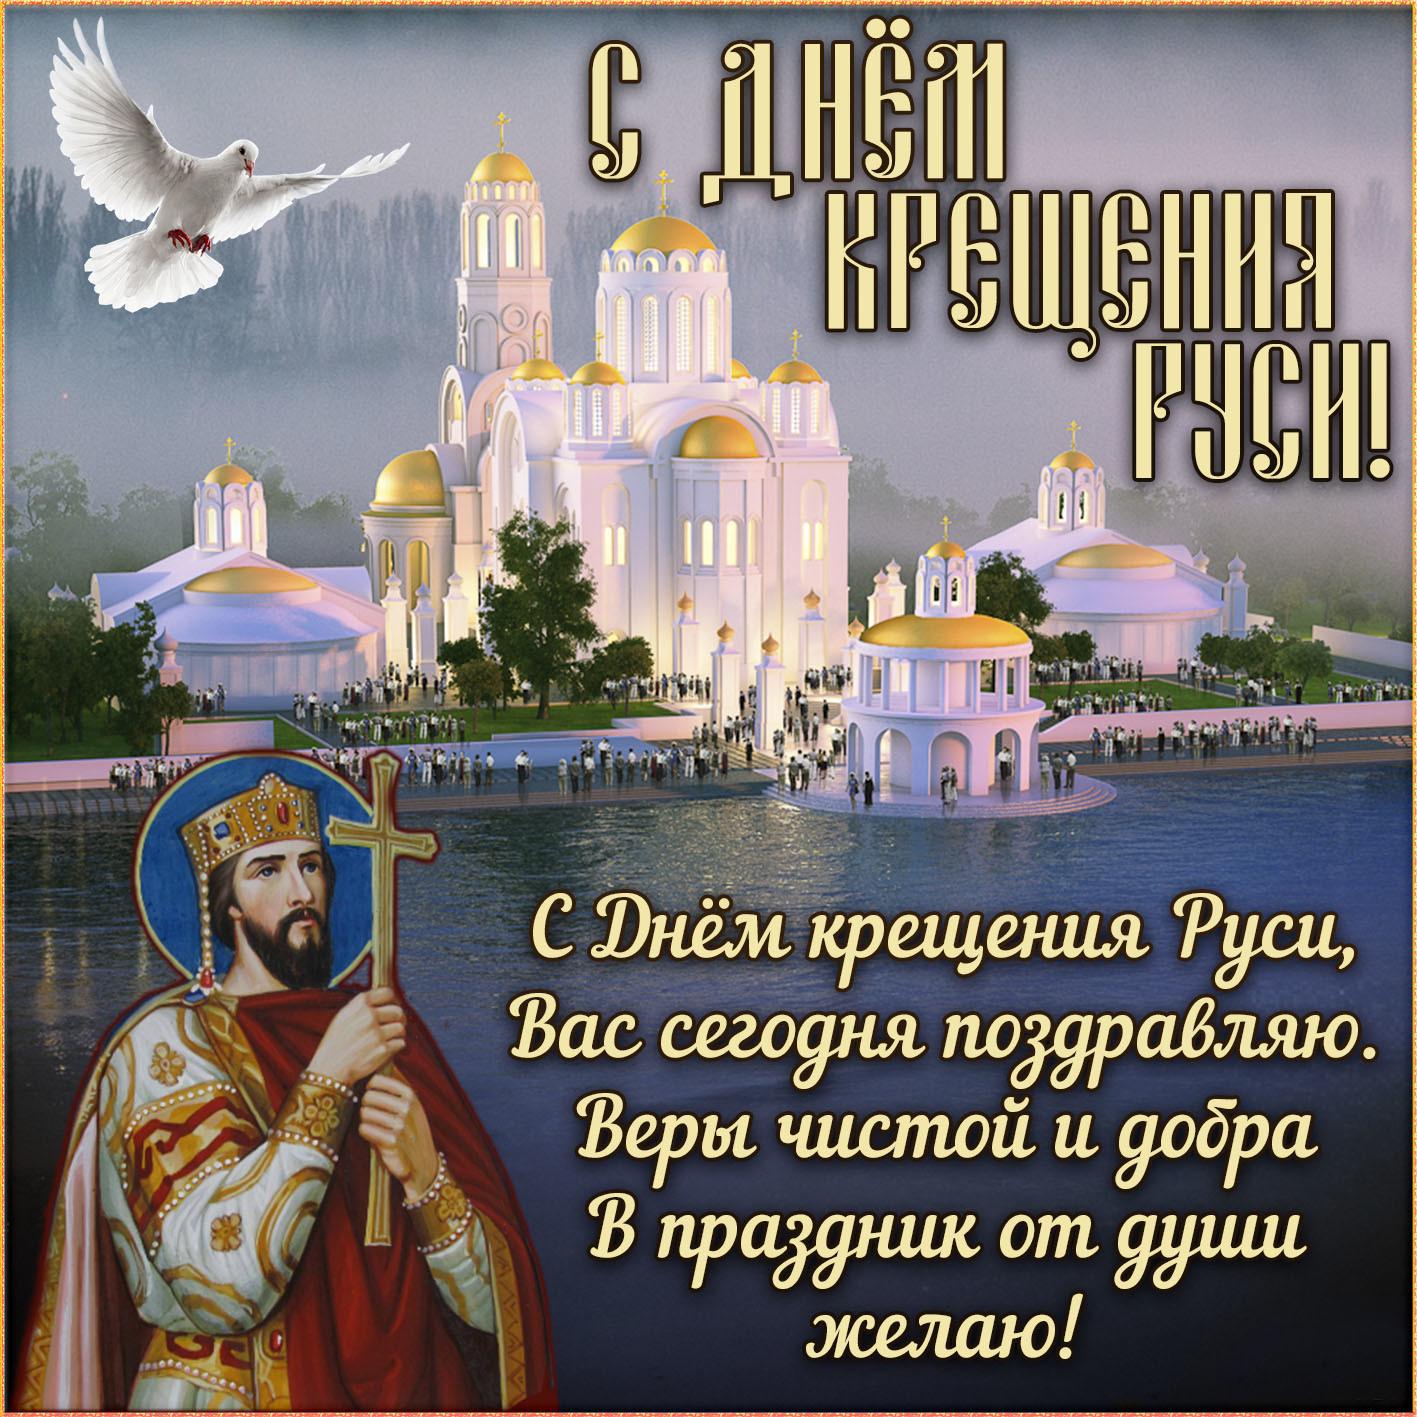 Надписью вау, открытка с праздником владимира